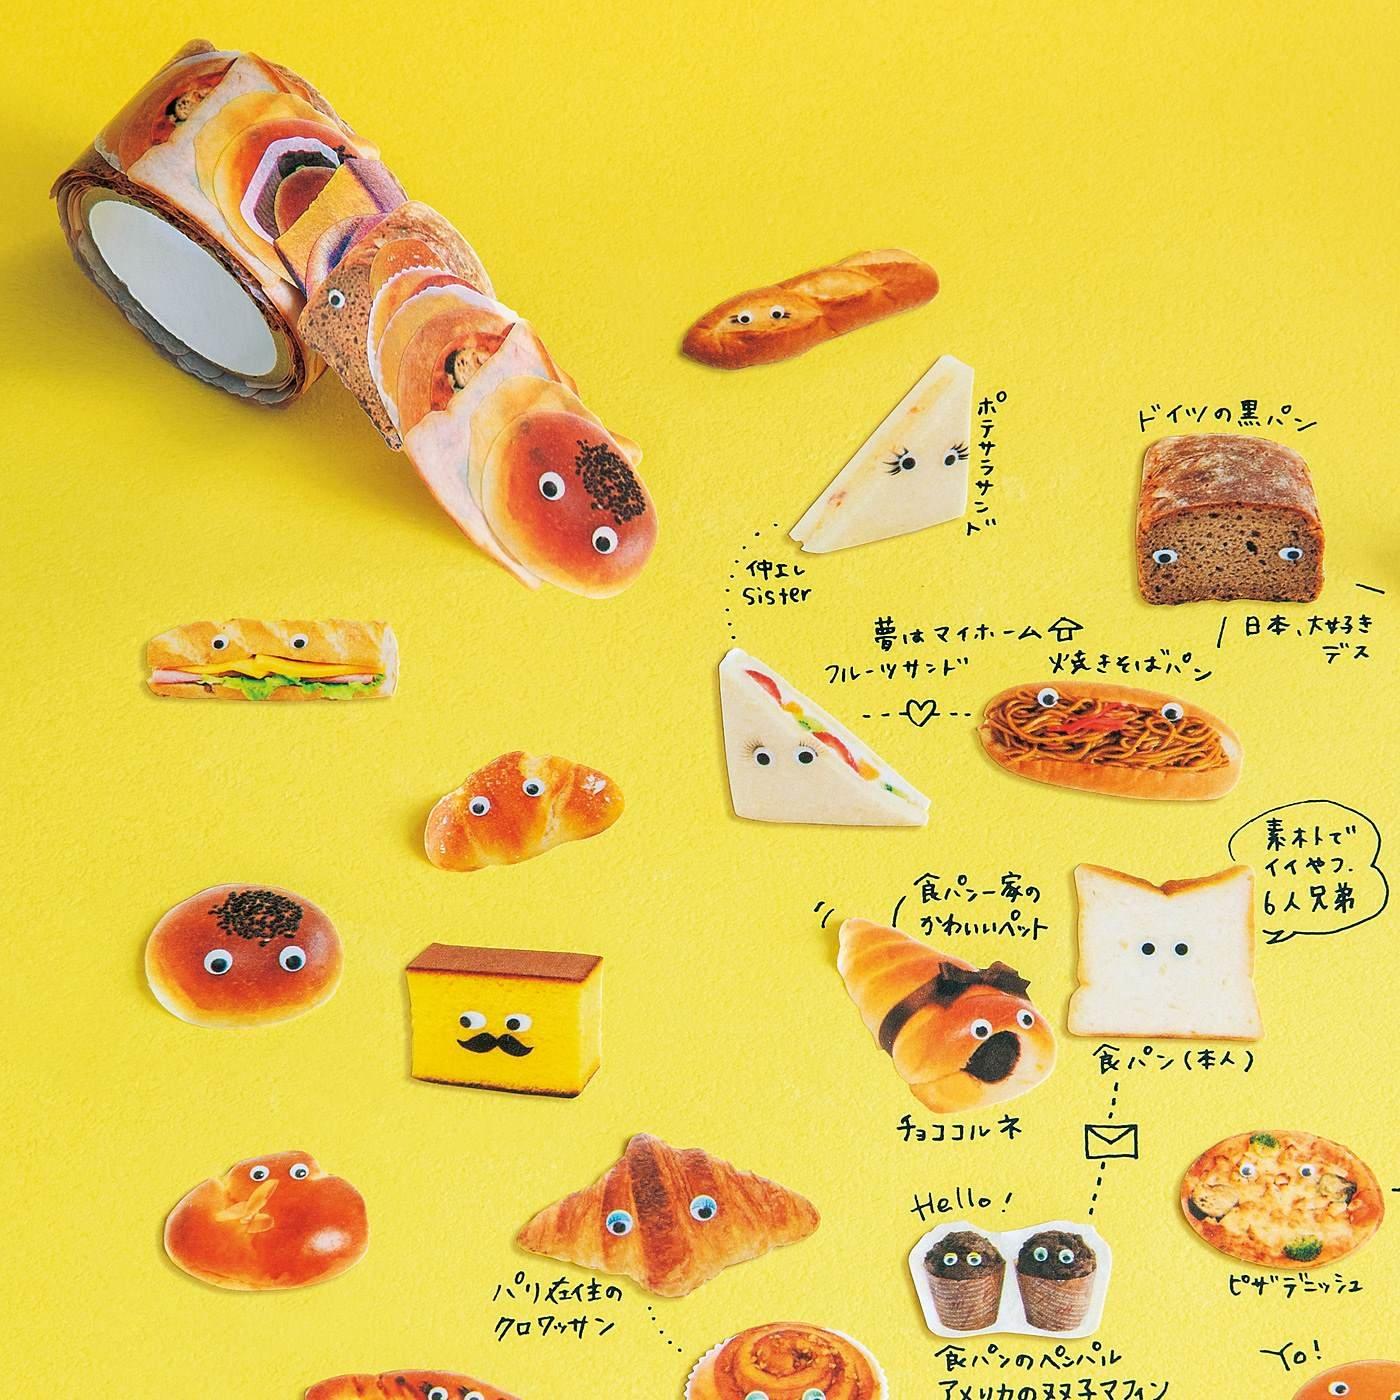 もしもパンの世界があったなら 食パンの家系図フレークシール